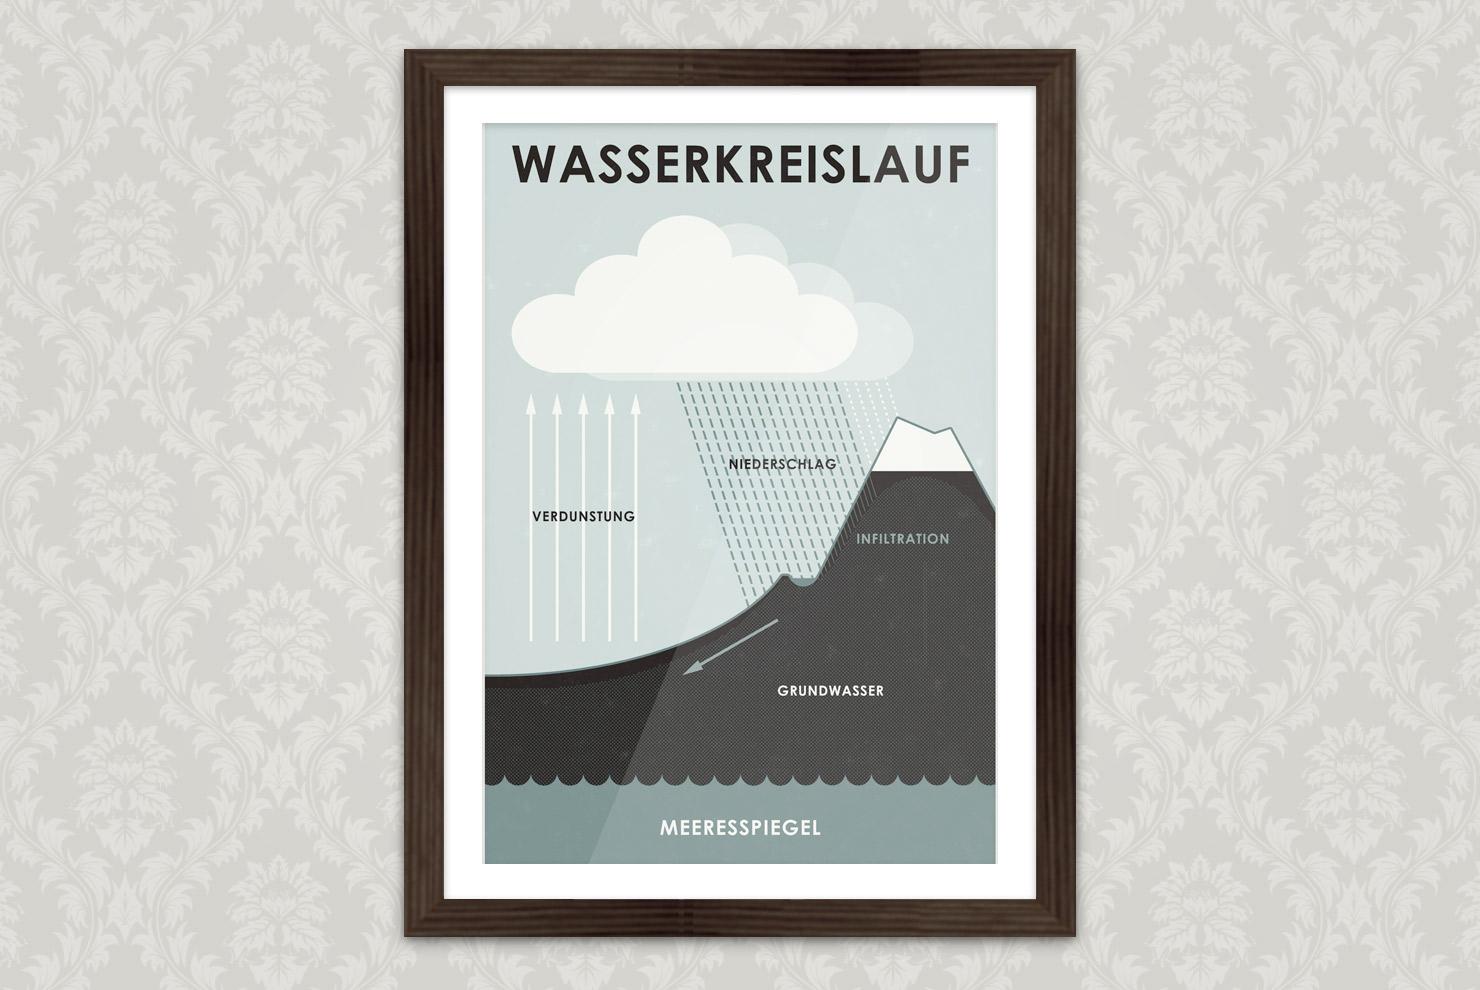 Poster mit einer gezeichneten Infografik zum Wasserkreislauf